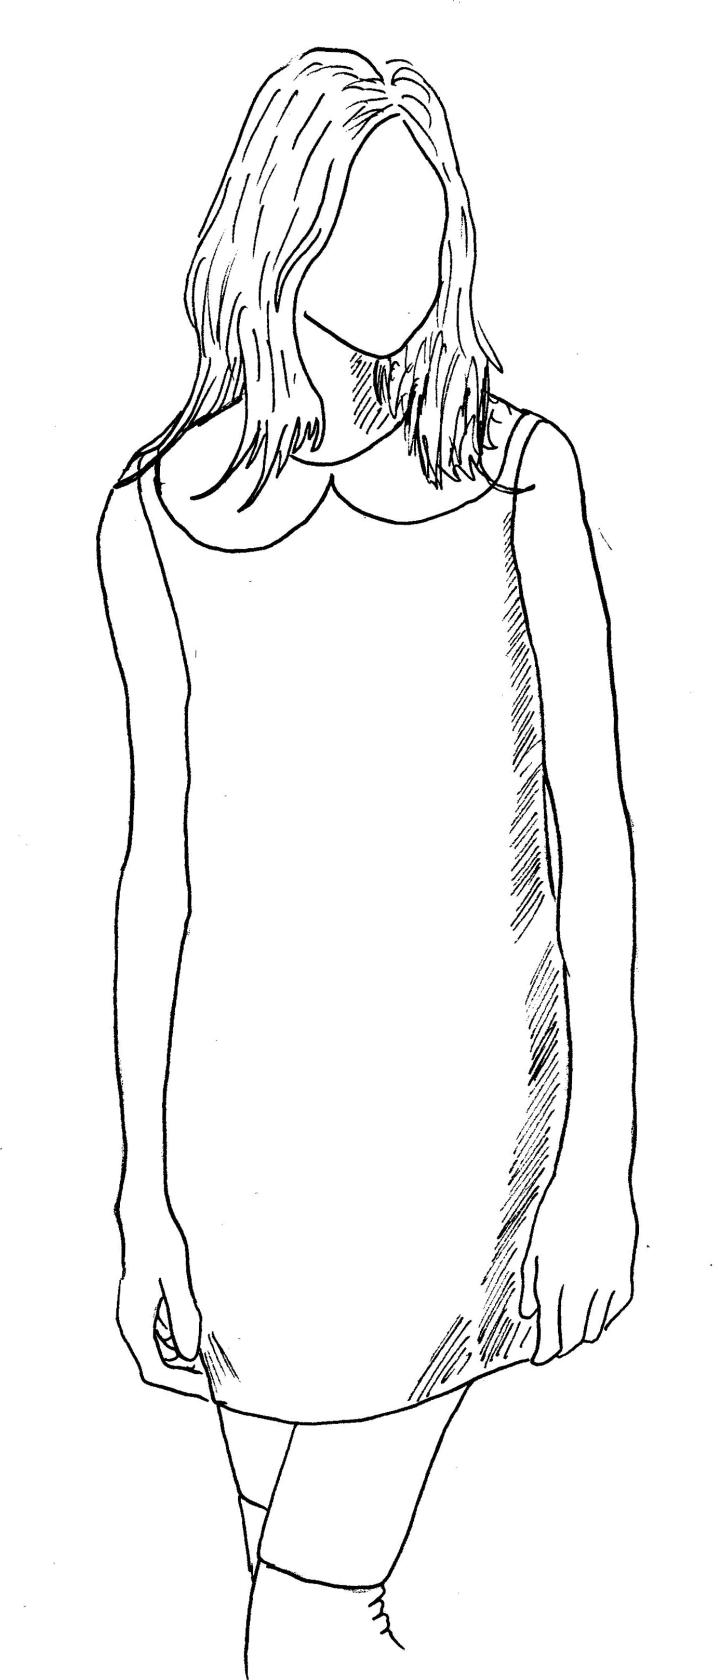 60's illustration (sketch)